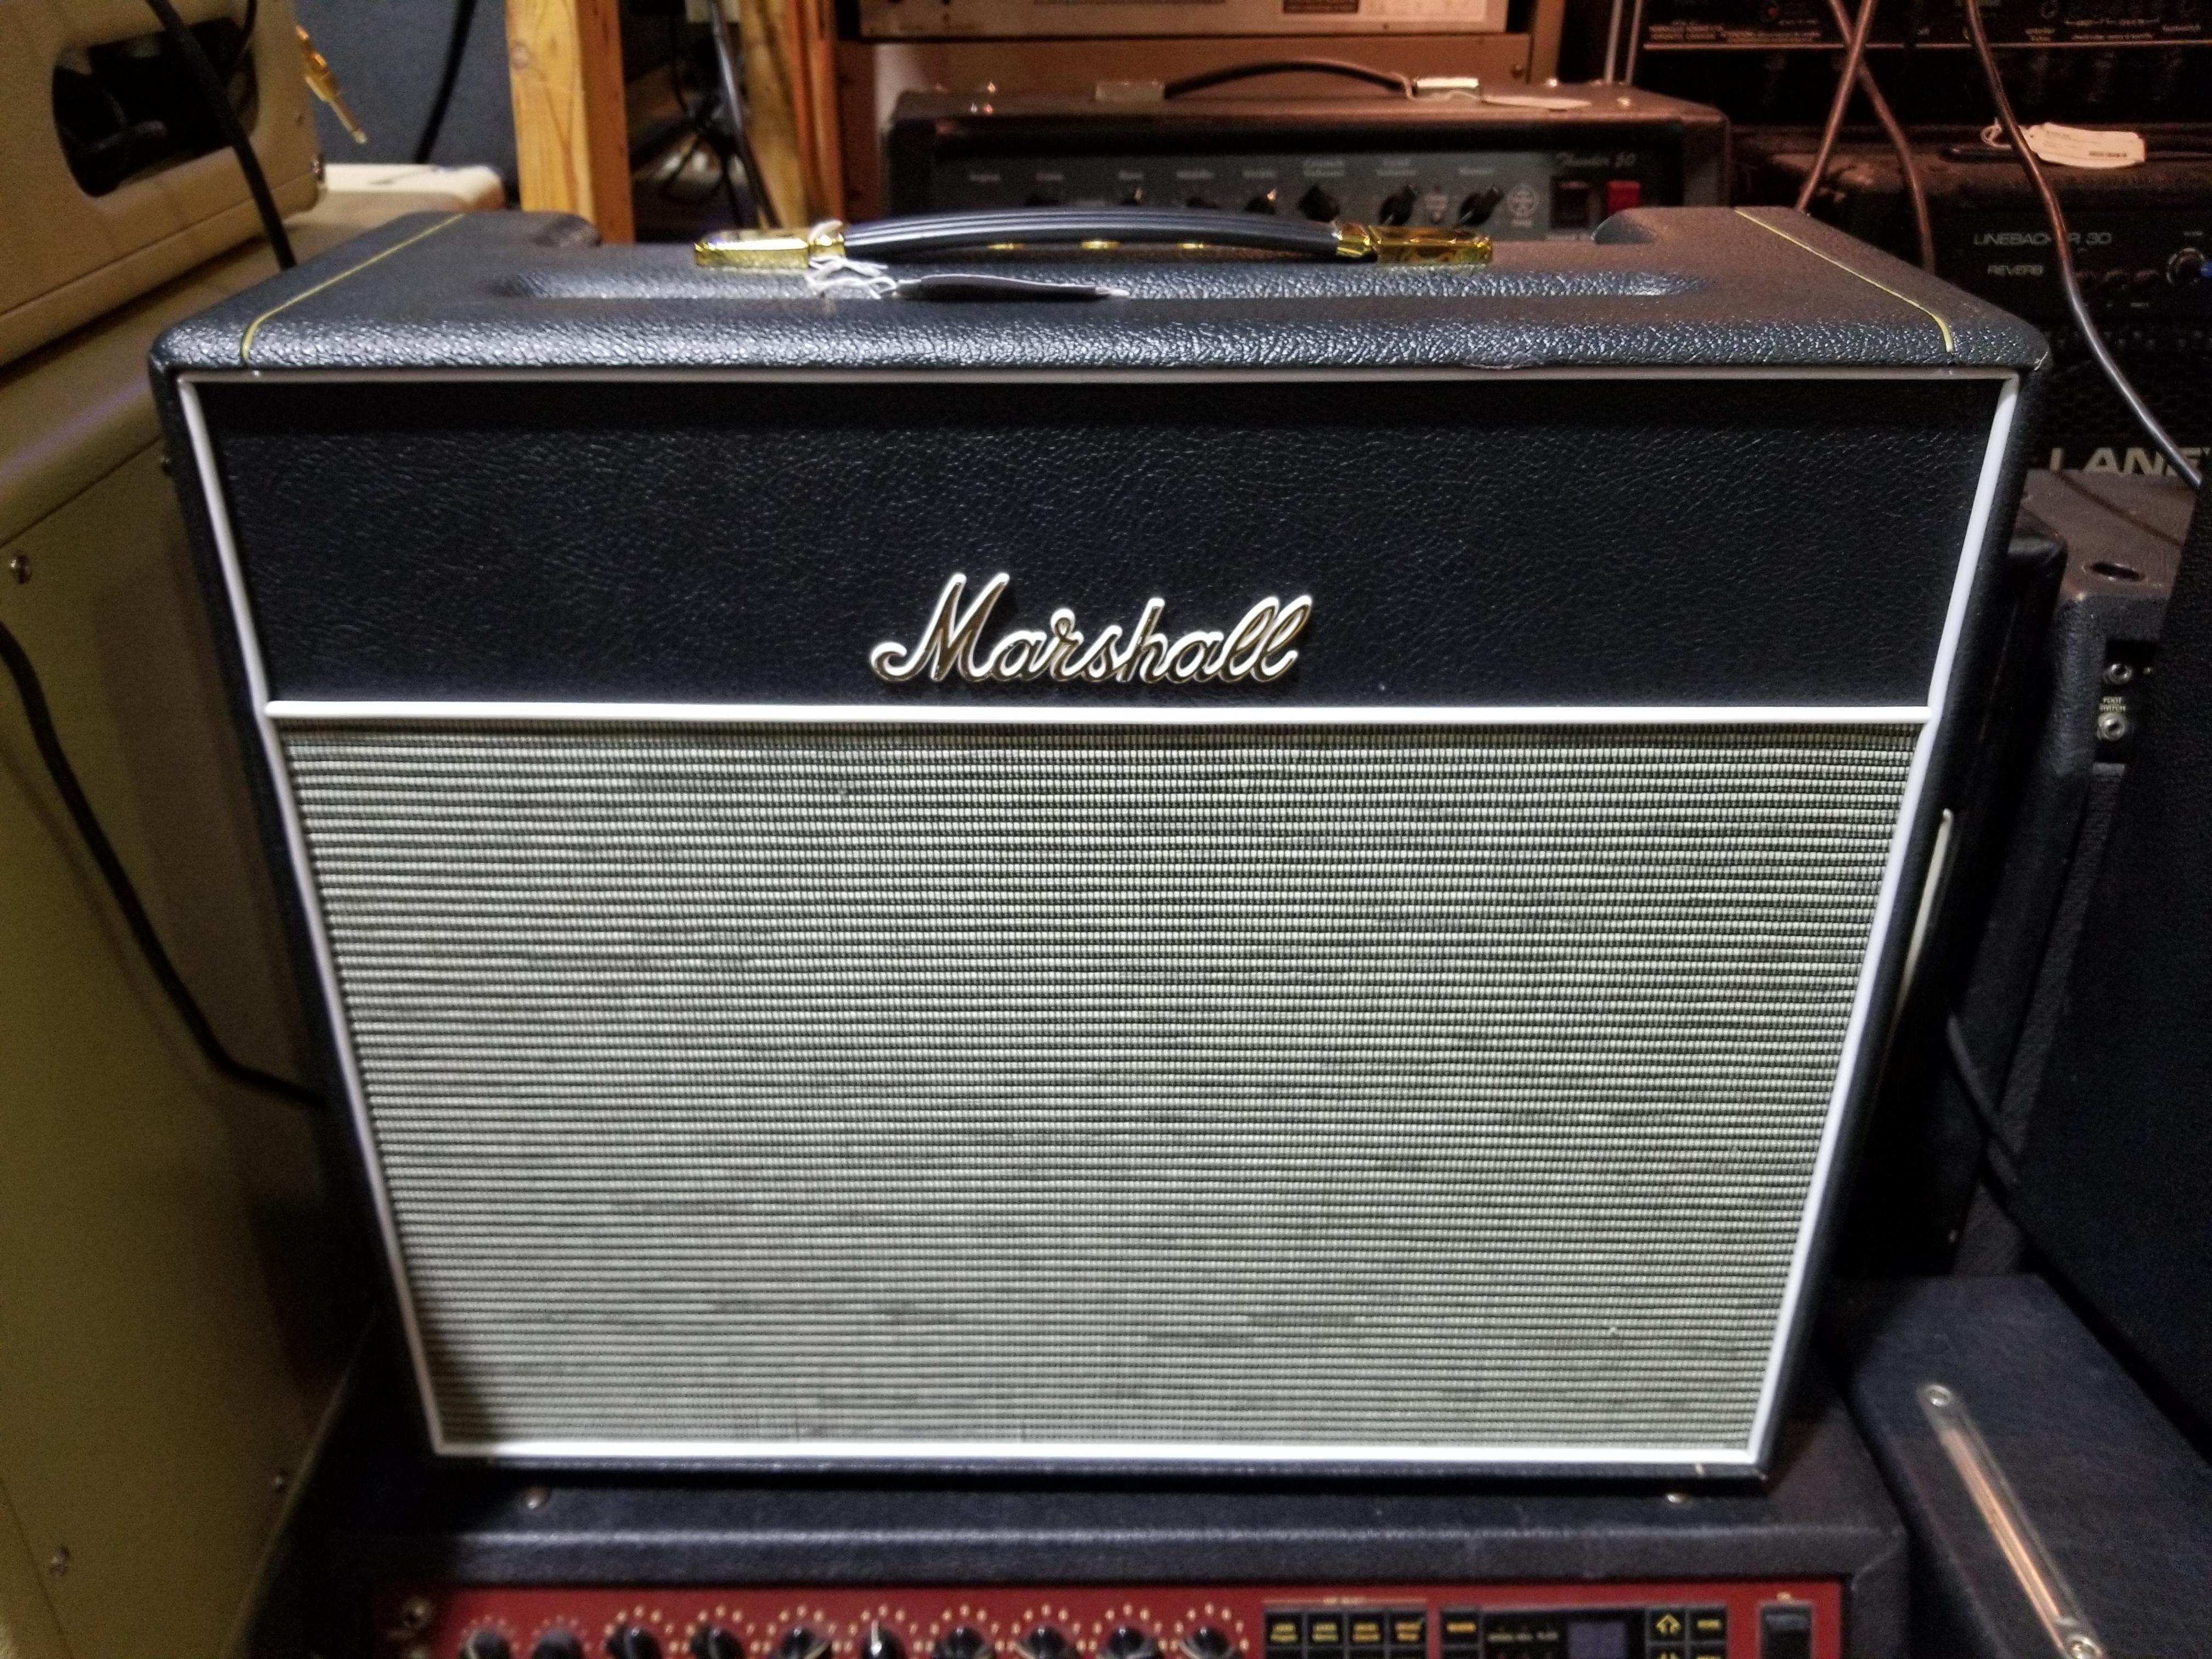 MARSHALL 1974X 18-Watt Handwired 1x12 Tube Combo Amp - Local Pickup Only!